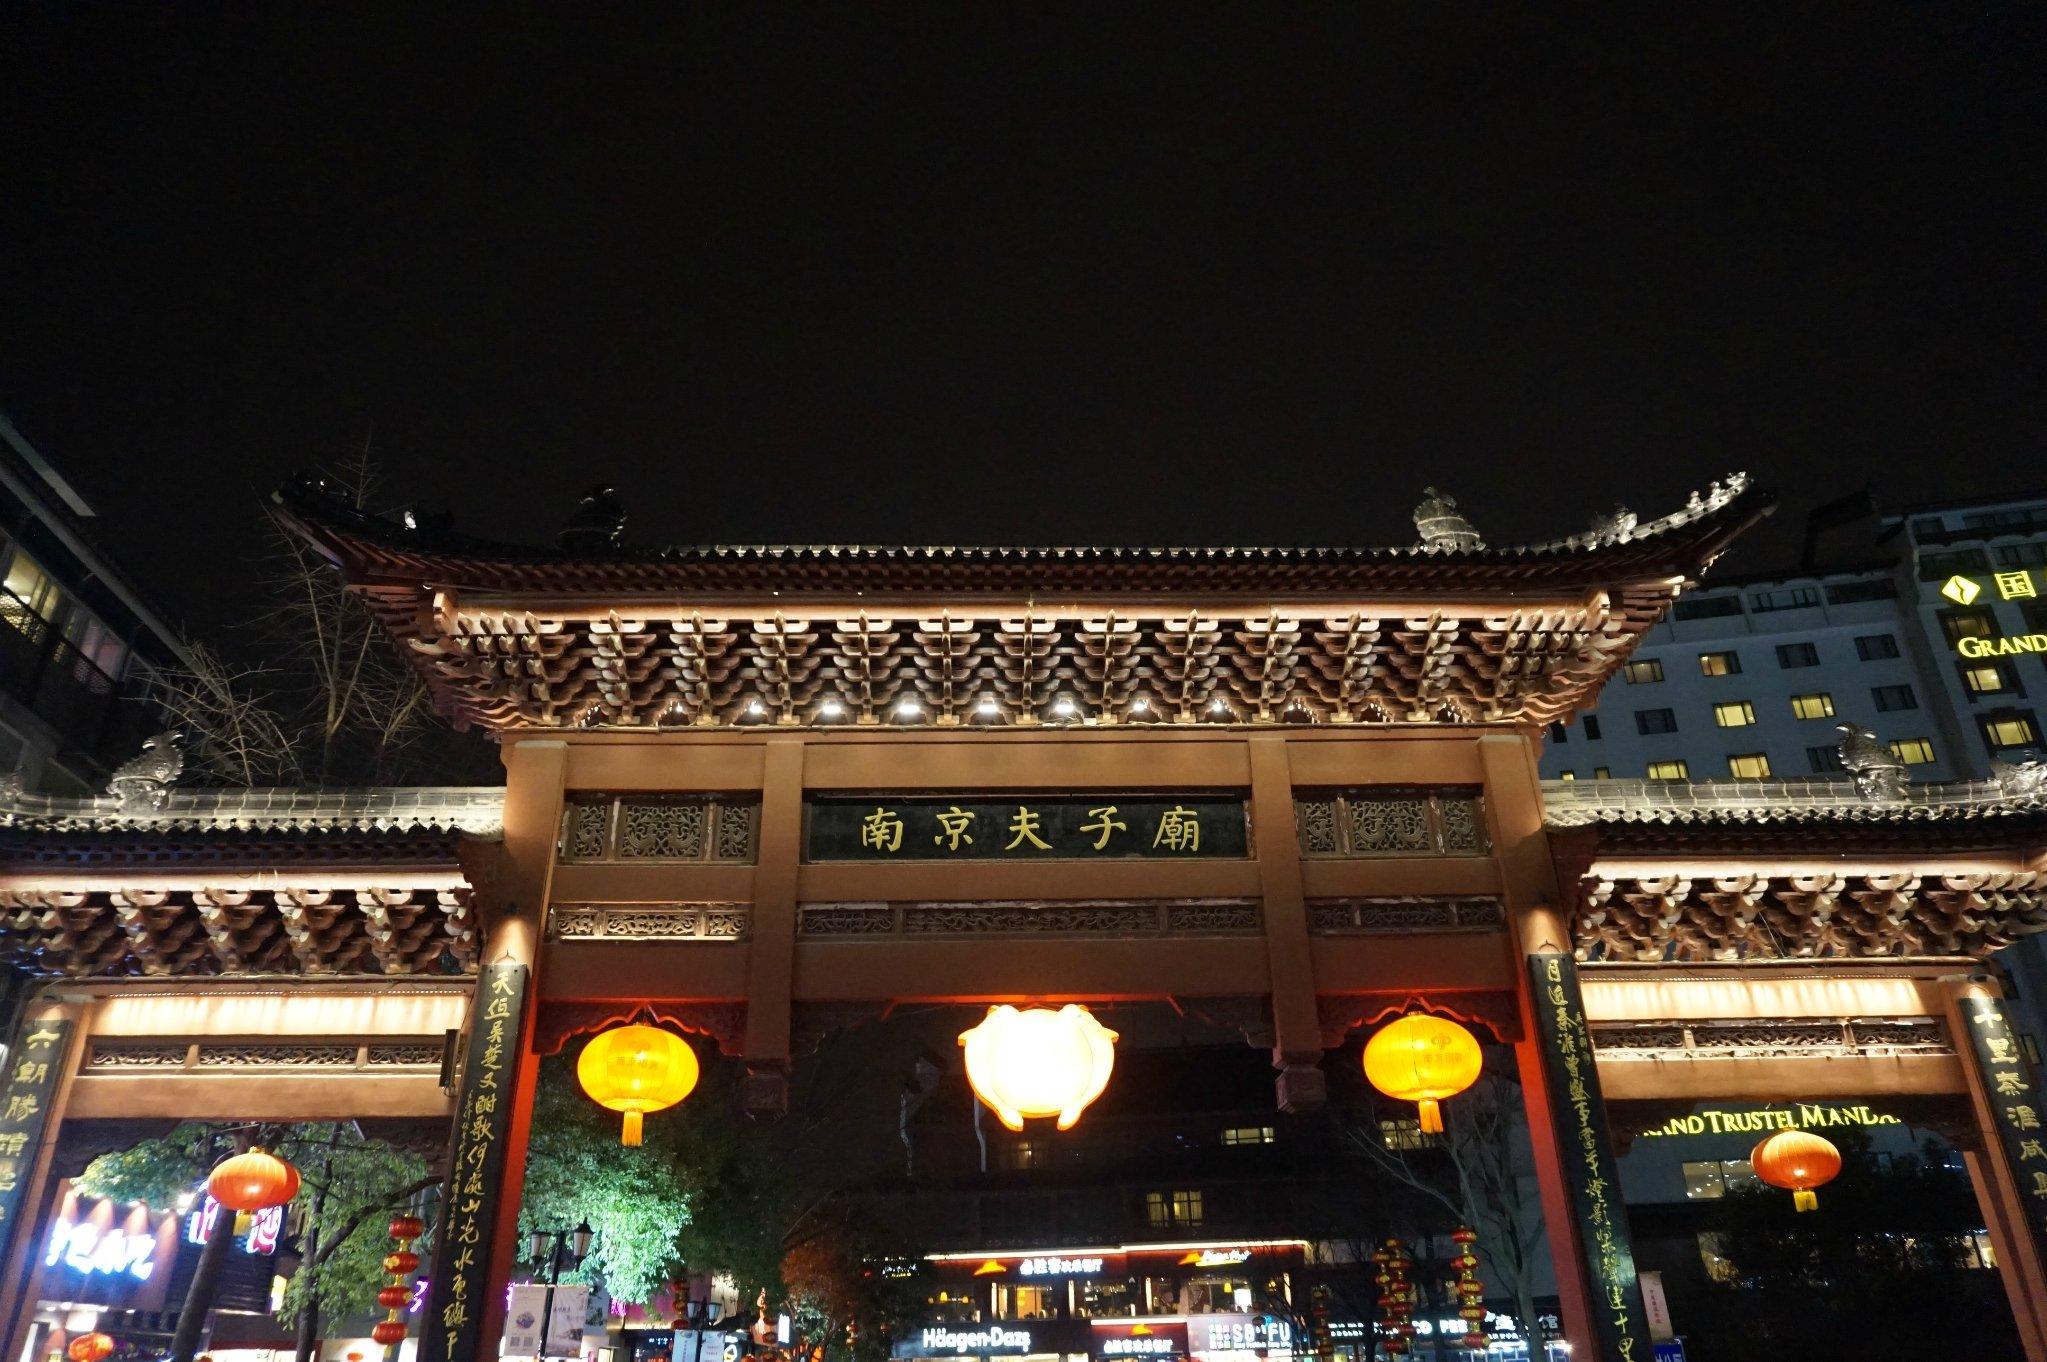 暴走金陵城,夜泊秦淮河,品南京美食——南京四日游